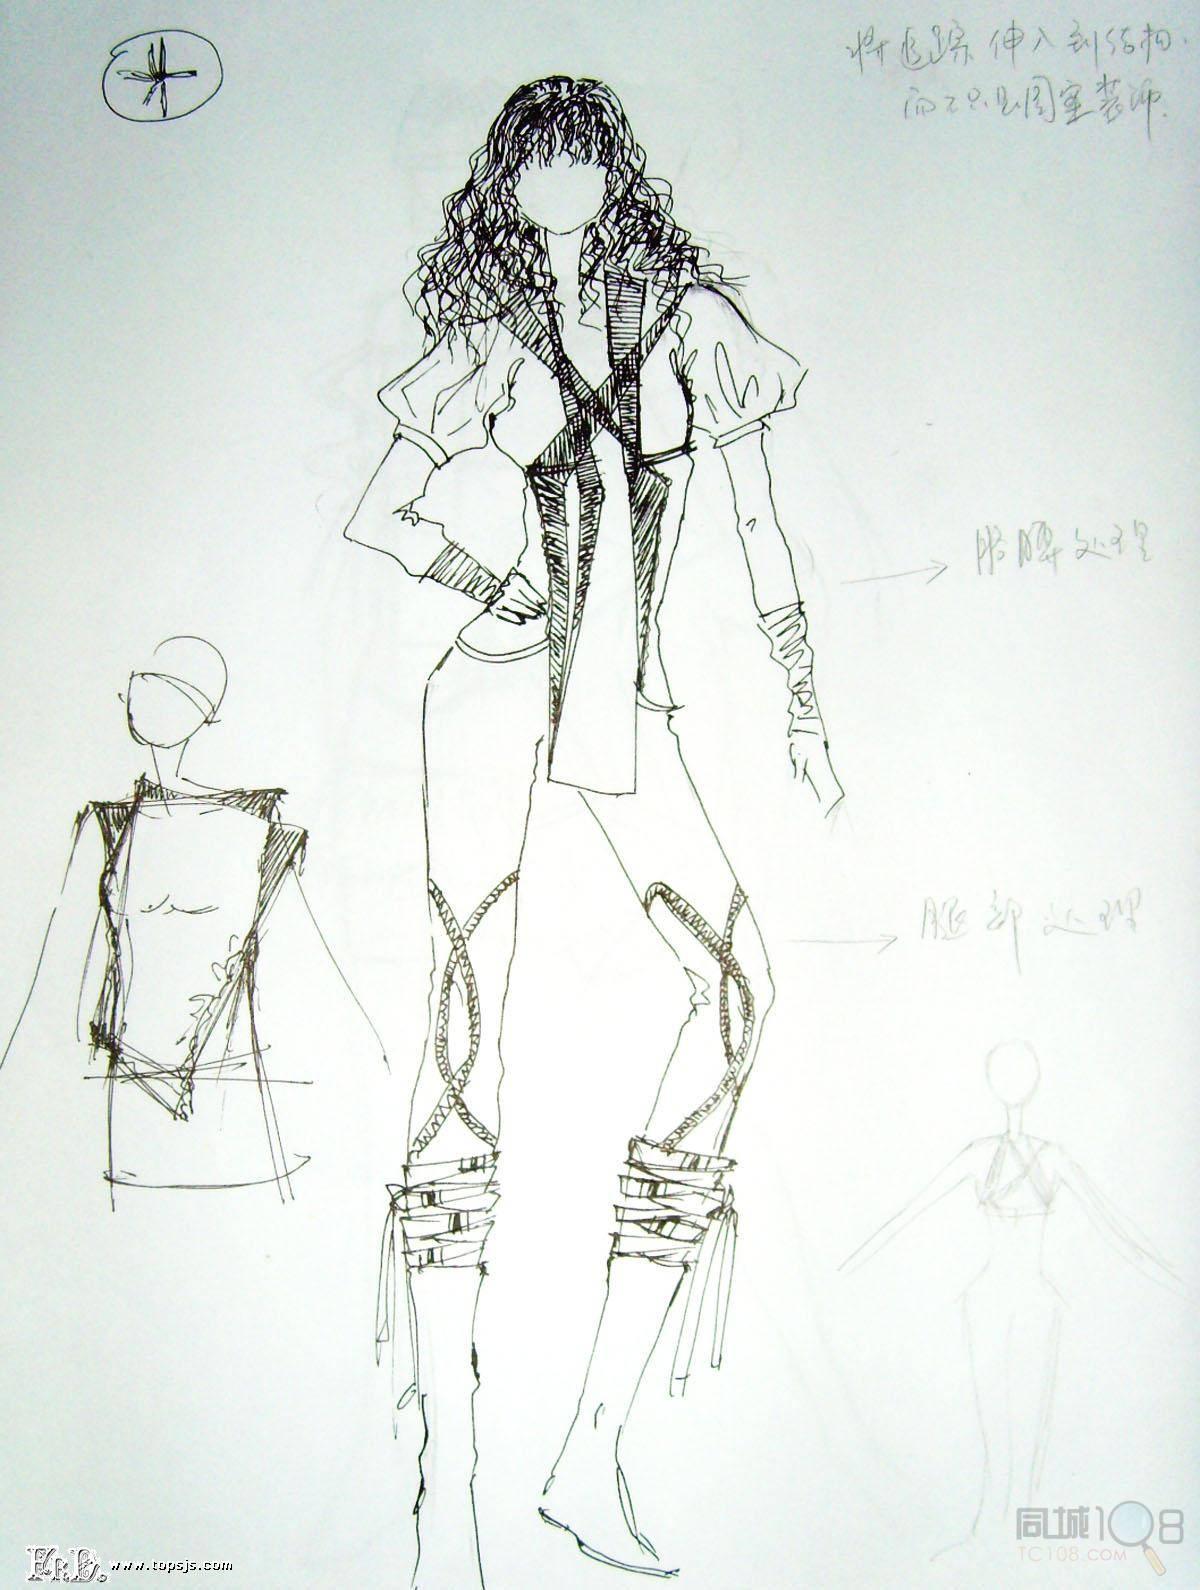 为后面的服装手绘效果图,时装画,人体的绘画打下基础.  2.